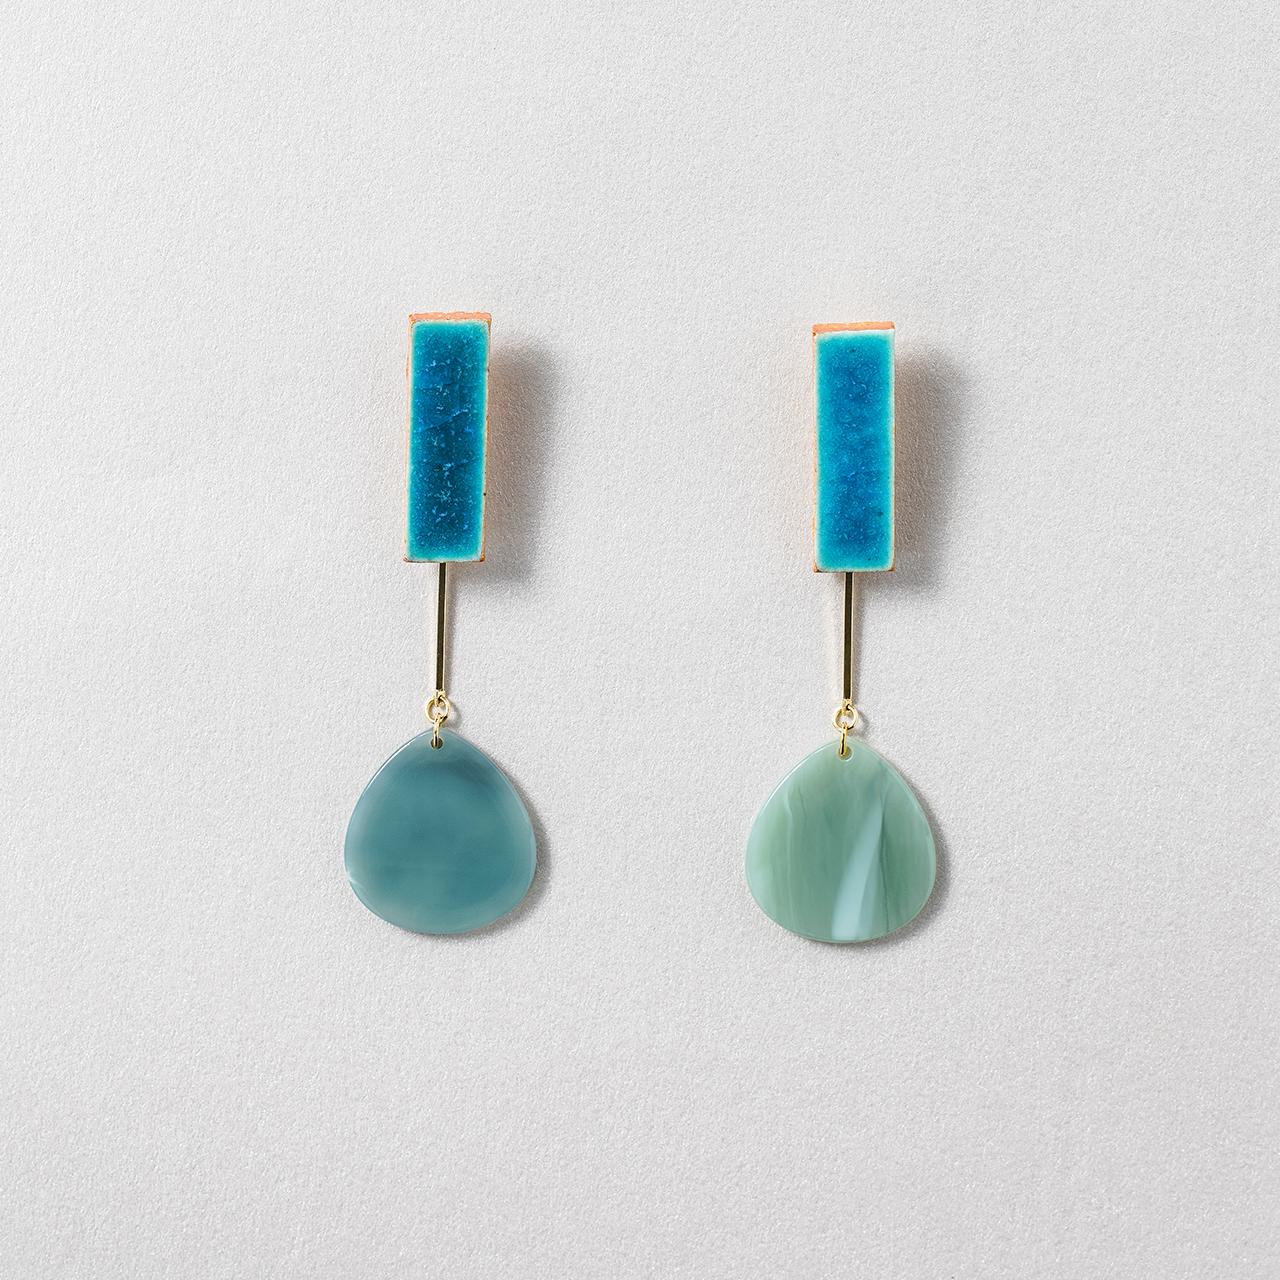 陶器 信楽 シェル ピアス&イヤリング turquoise blue